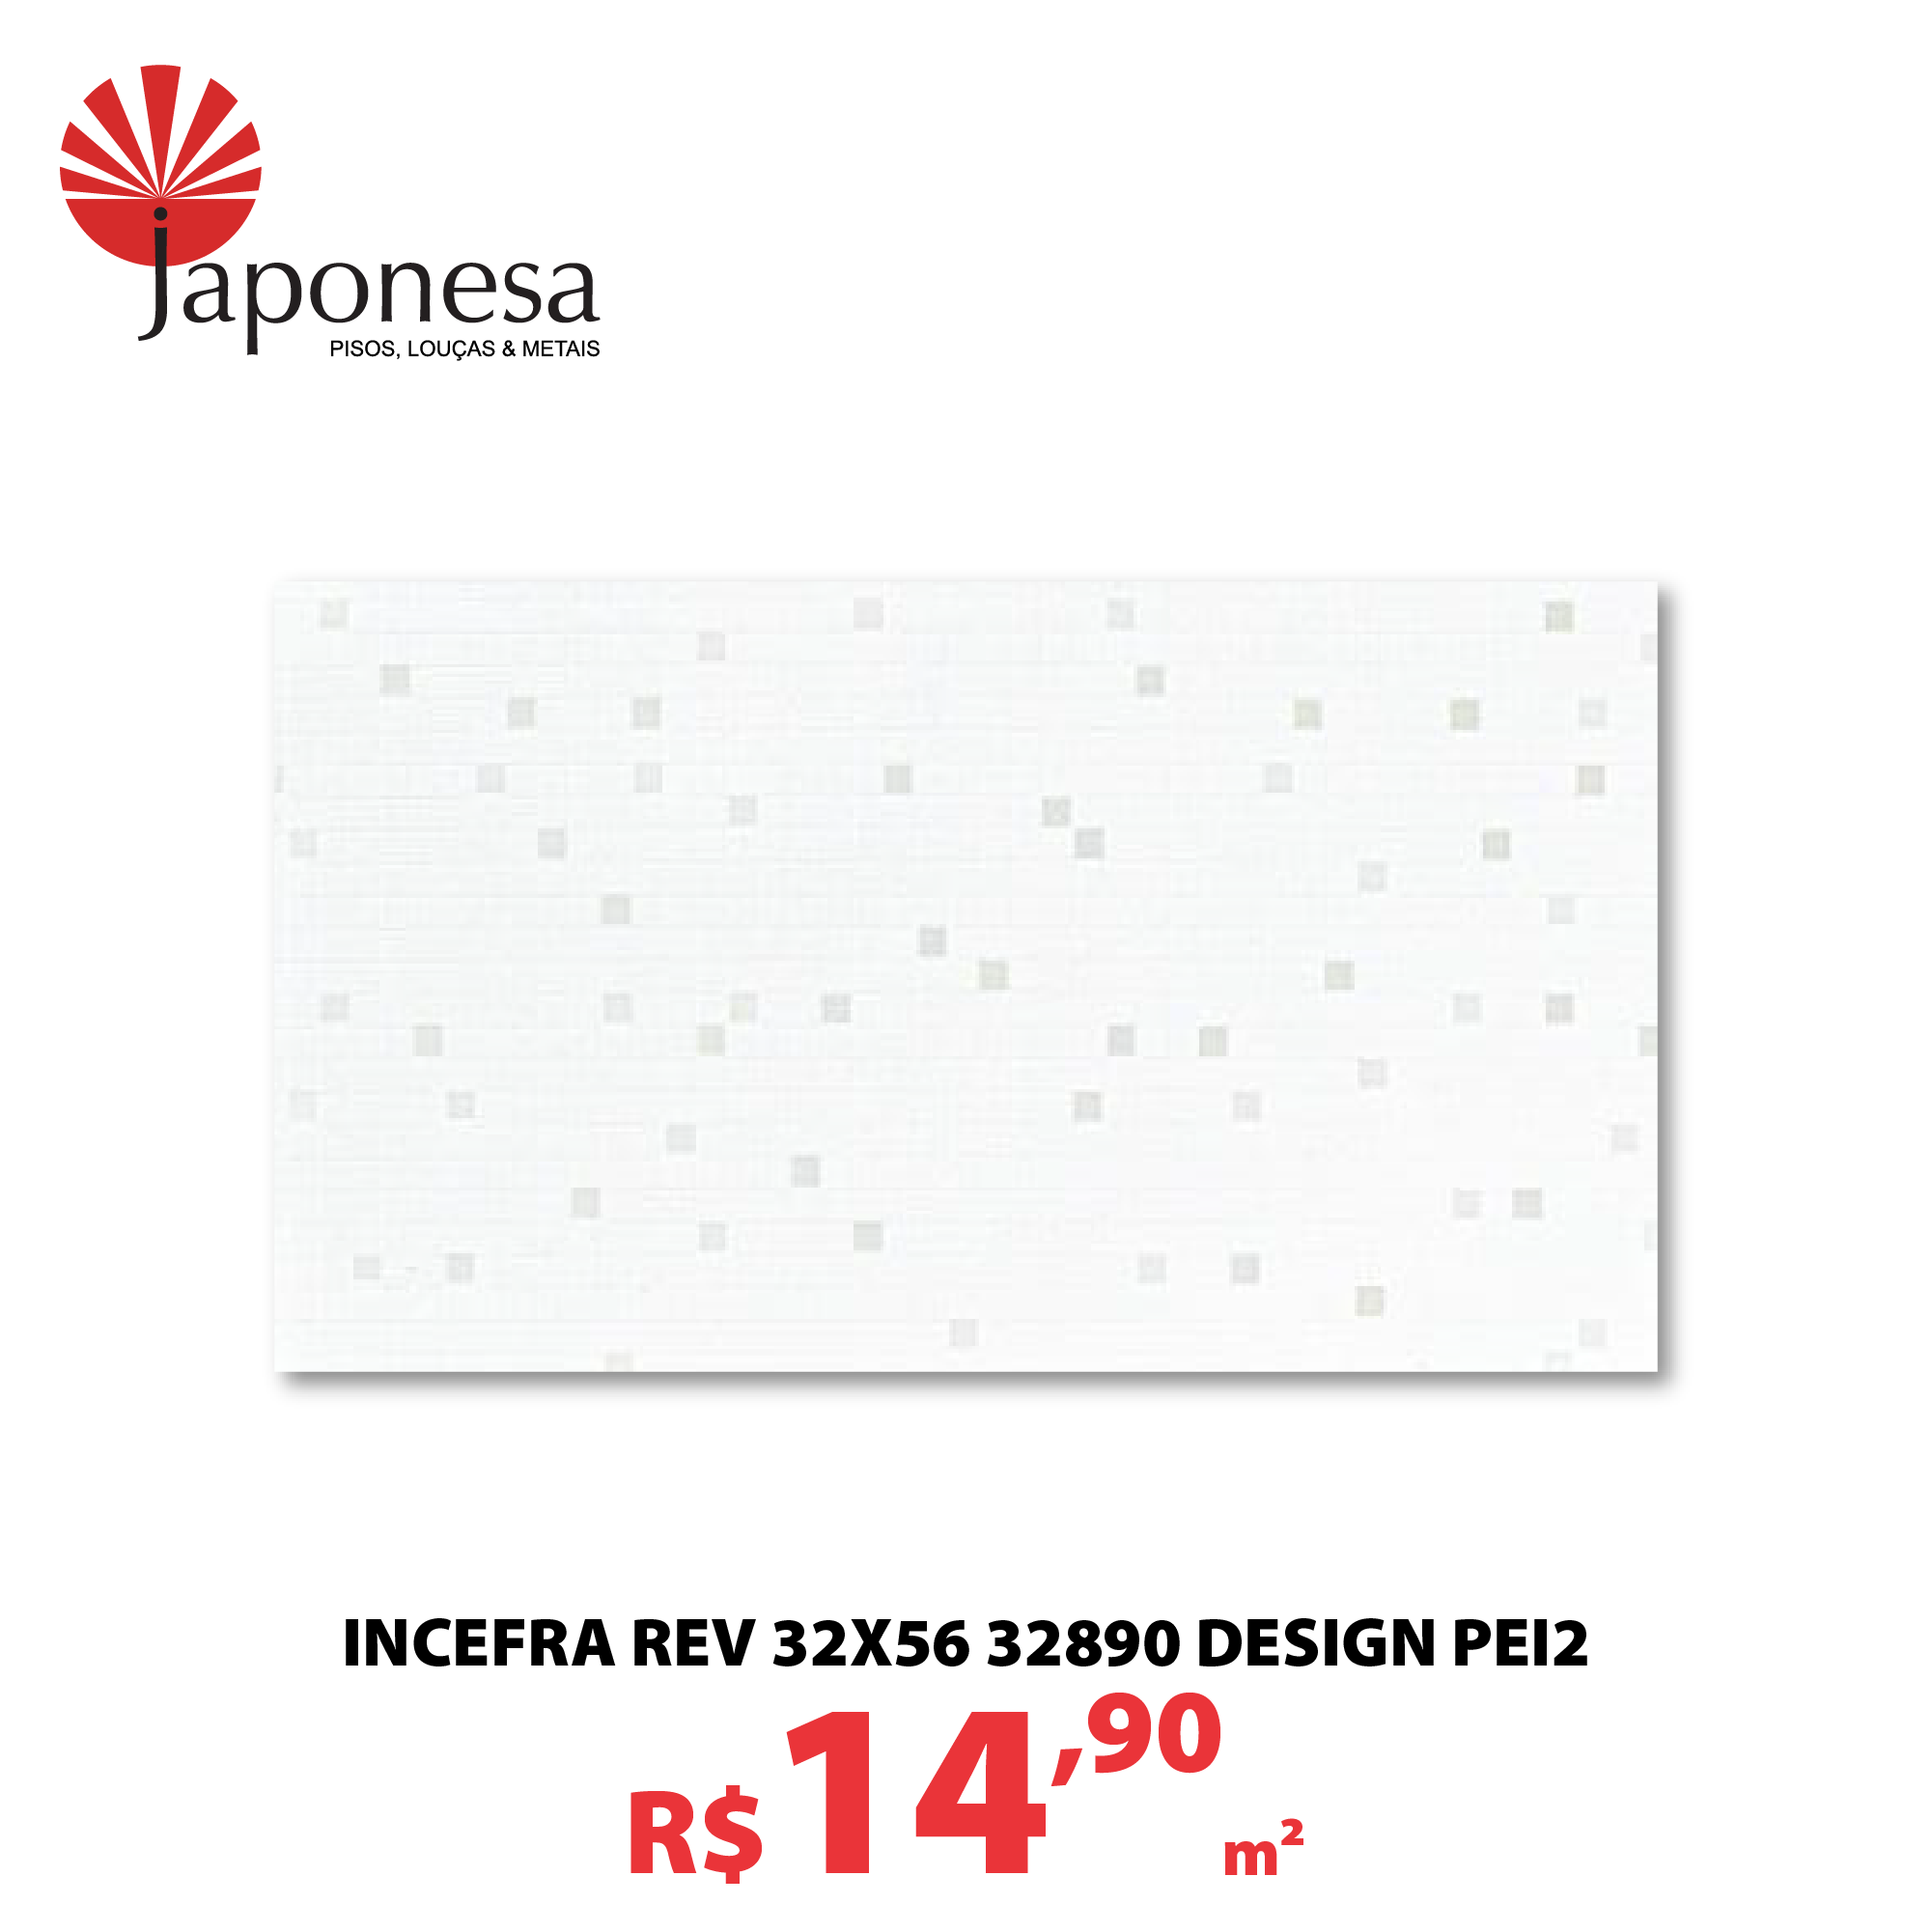 INCEFRA REV 32X56 32890 DESIGN PEI 2